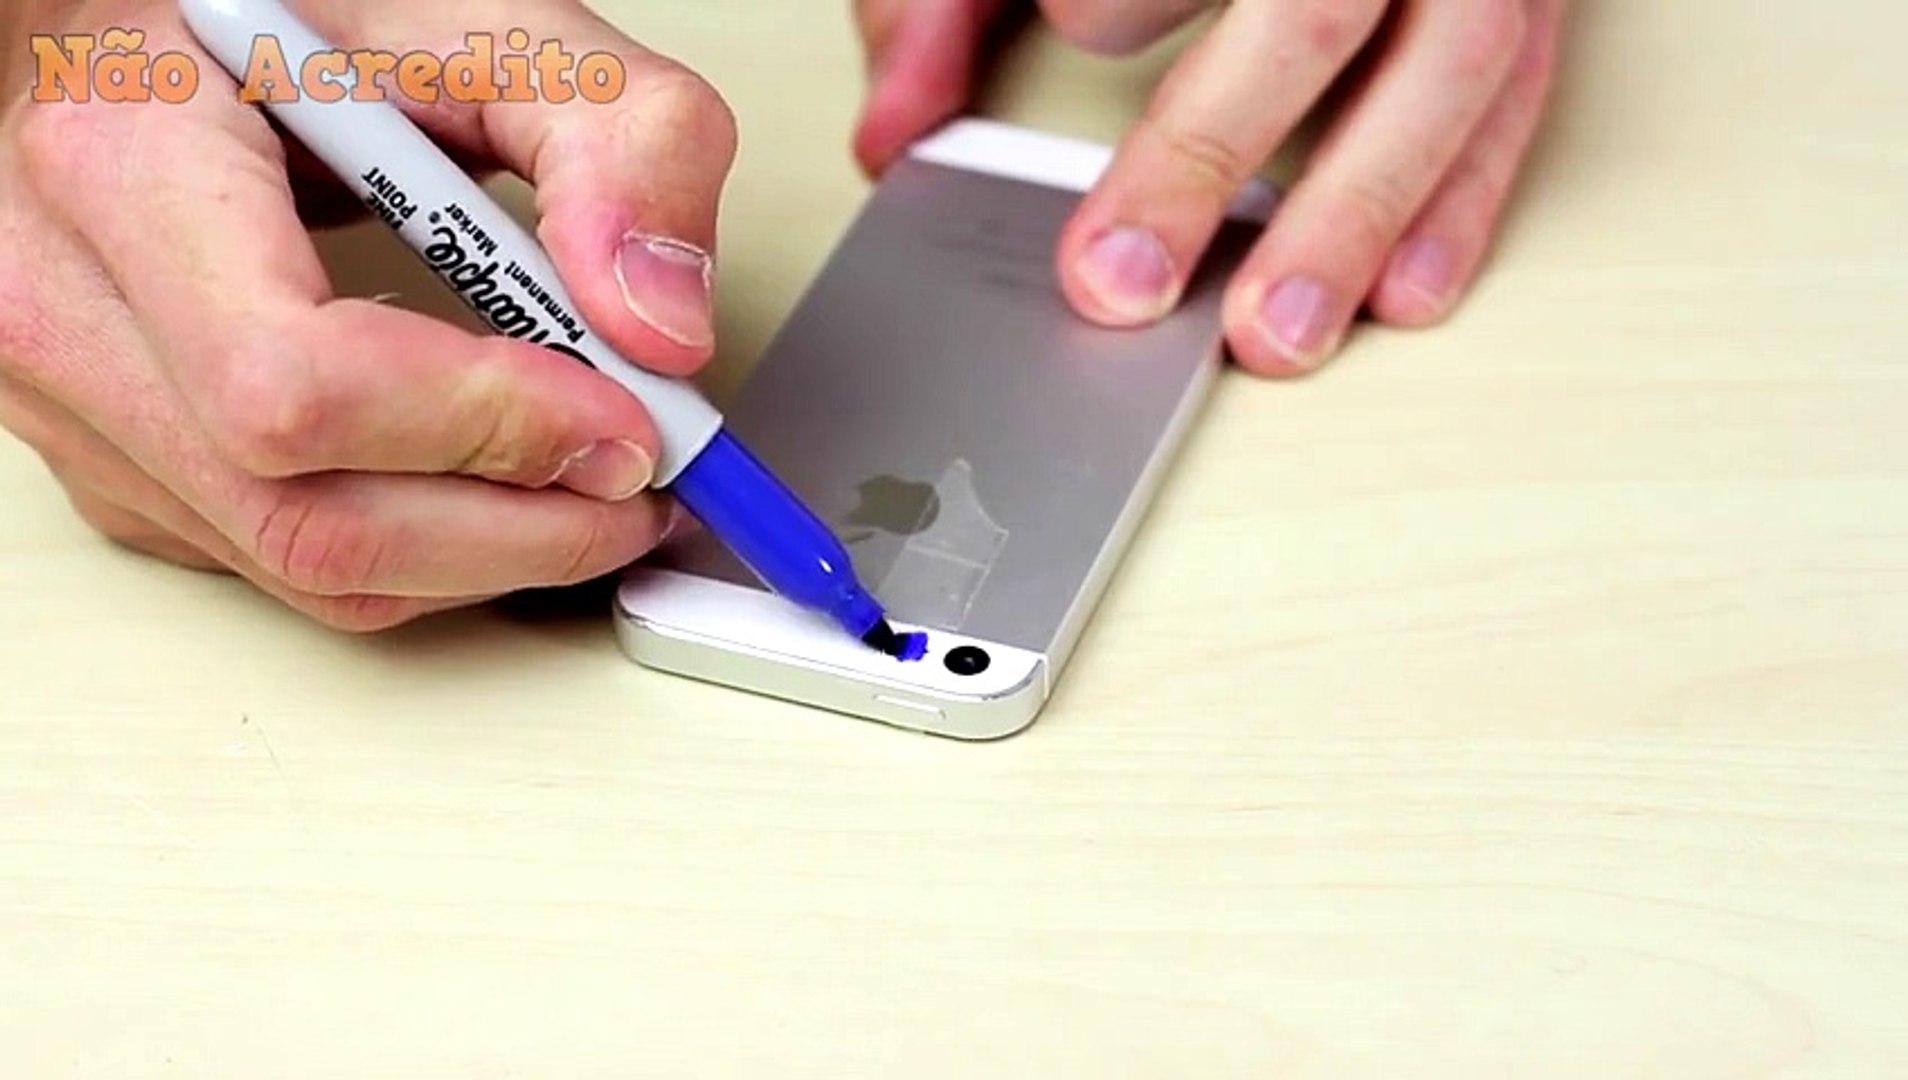 Ele cola durex no seu celular e pinta com cores escuras. O que ele vê em seguida é nojento